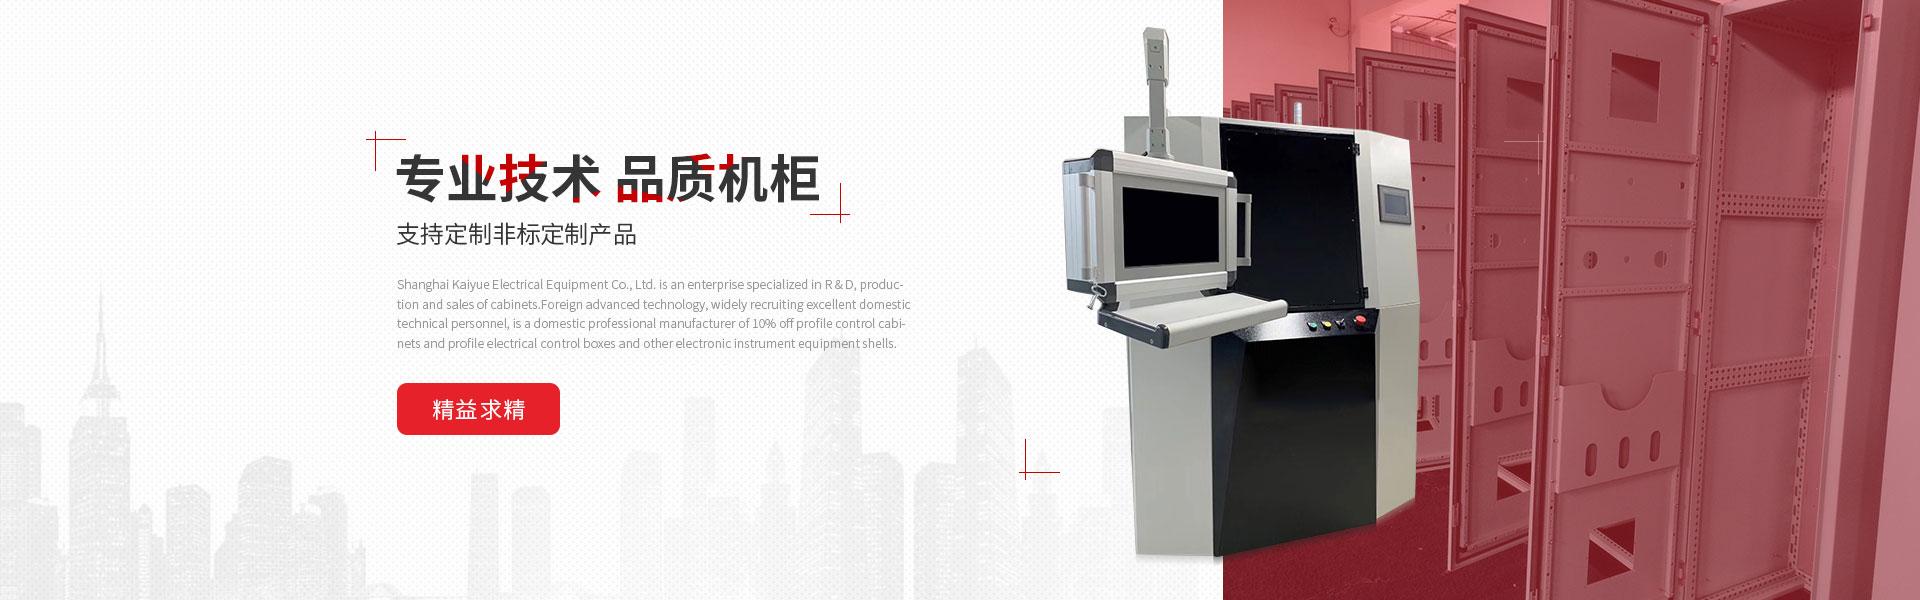 上海开跃电气设备有限公司